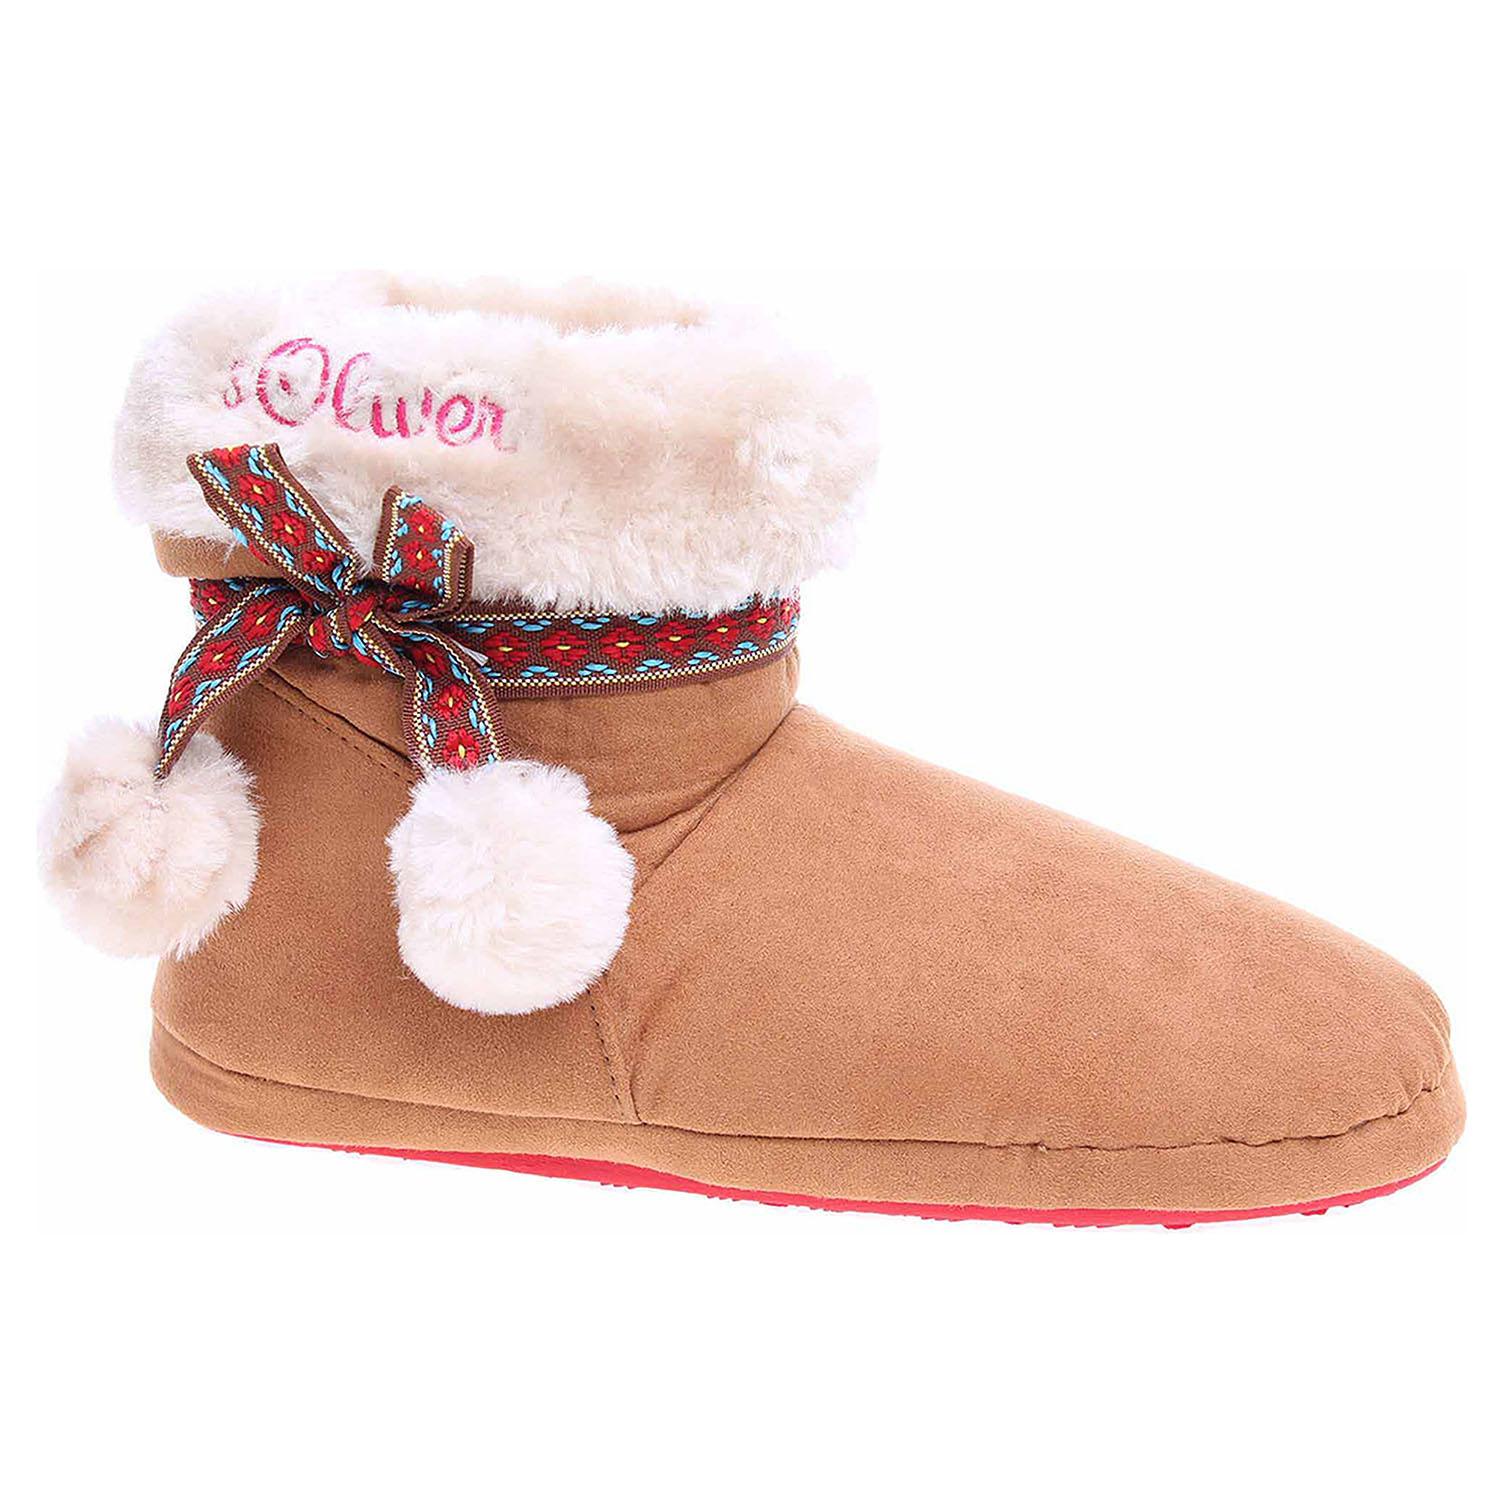 Domácí obuv s.Oliver dívčí 5-45440-39 cognac 5-5-45440-39 305 38